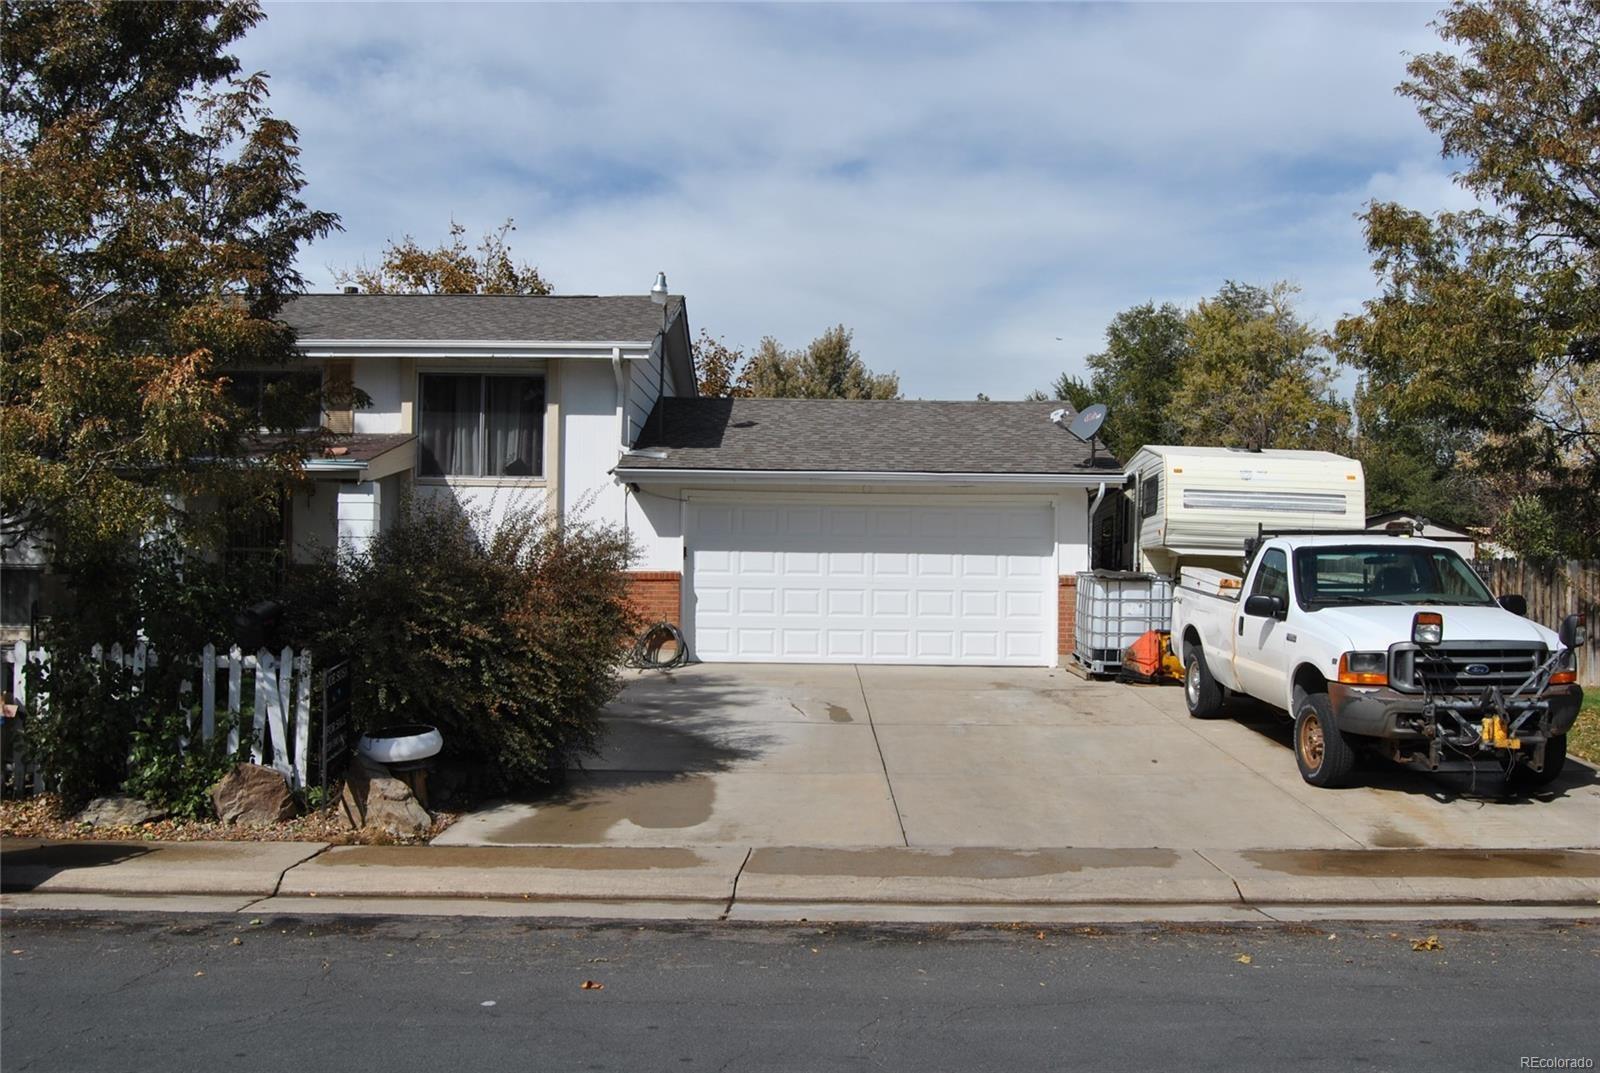 MLS# 5355370 - 1 - 8111  Explorador Calle, Denver, CO 80229